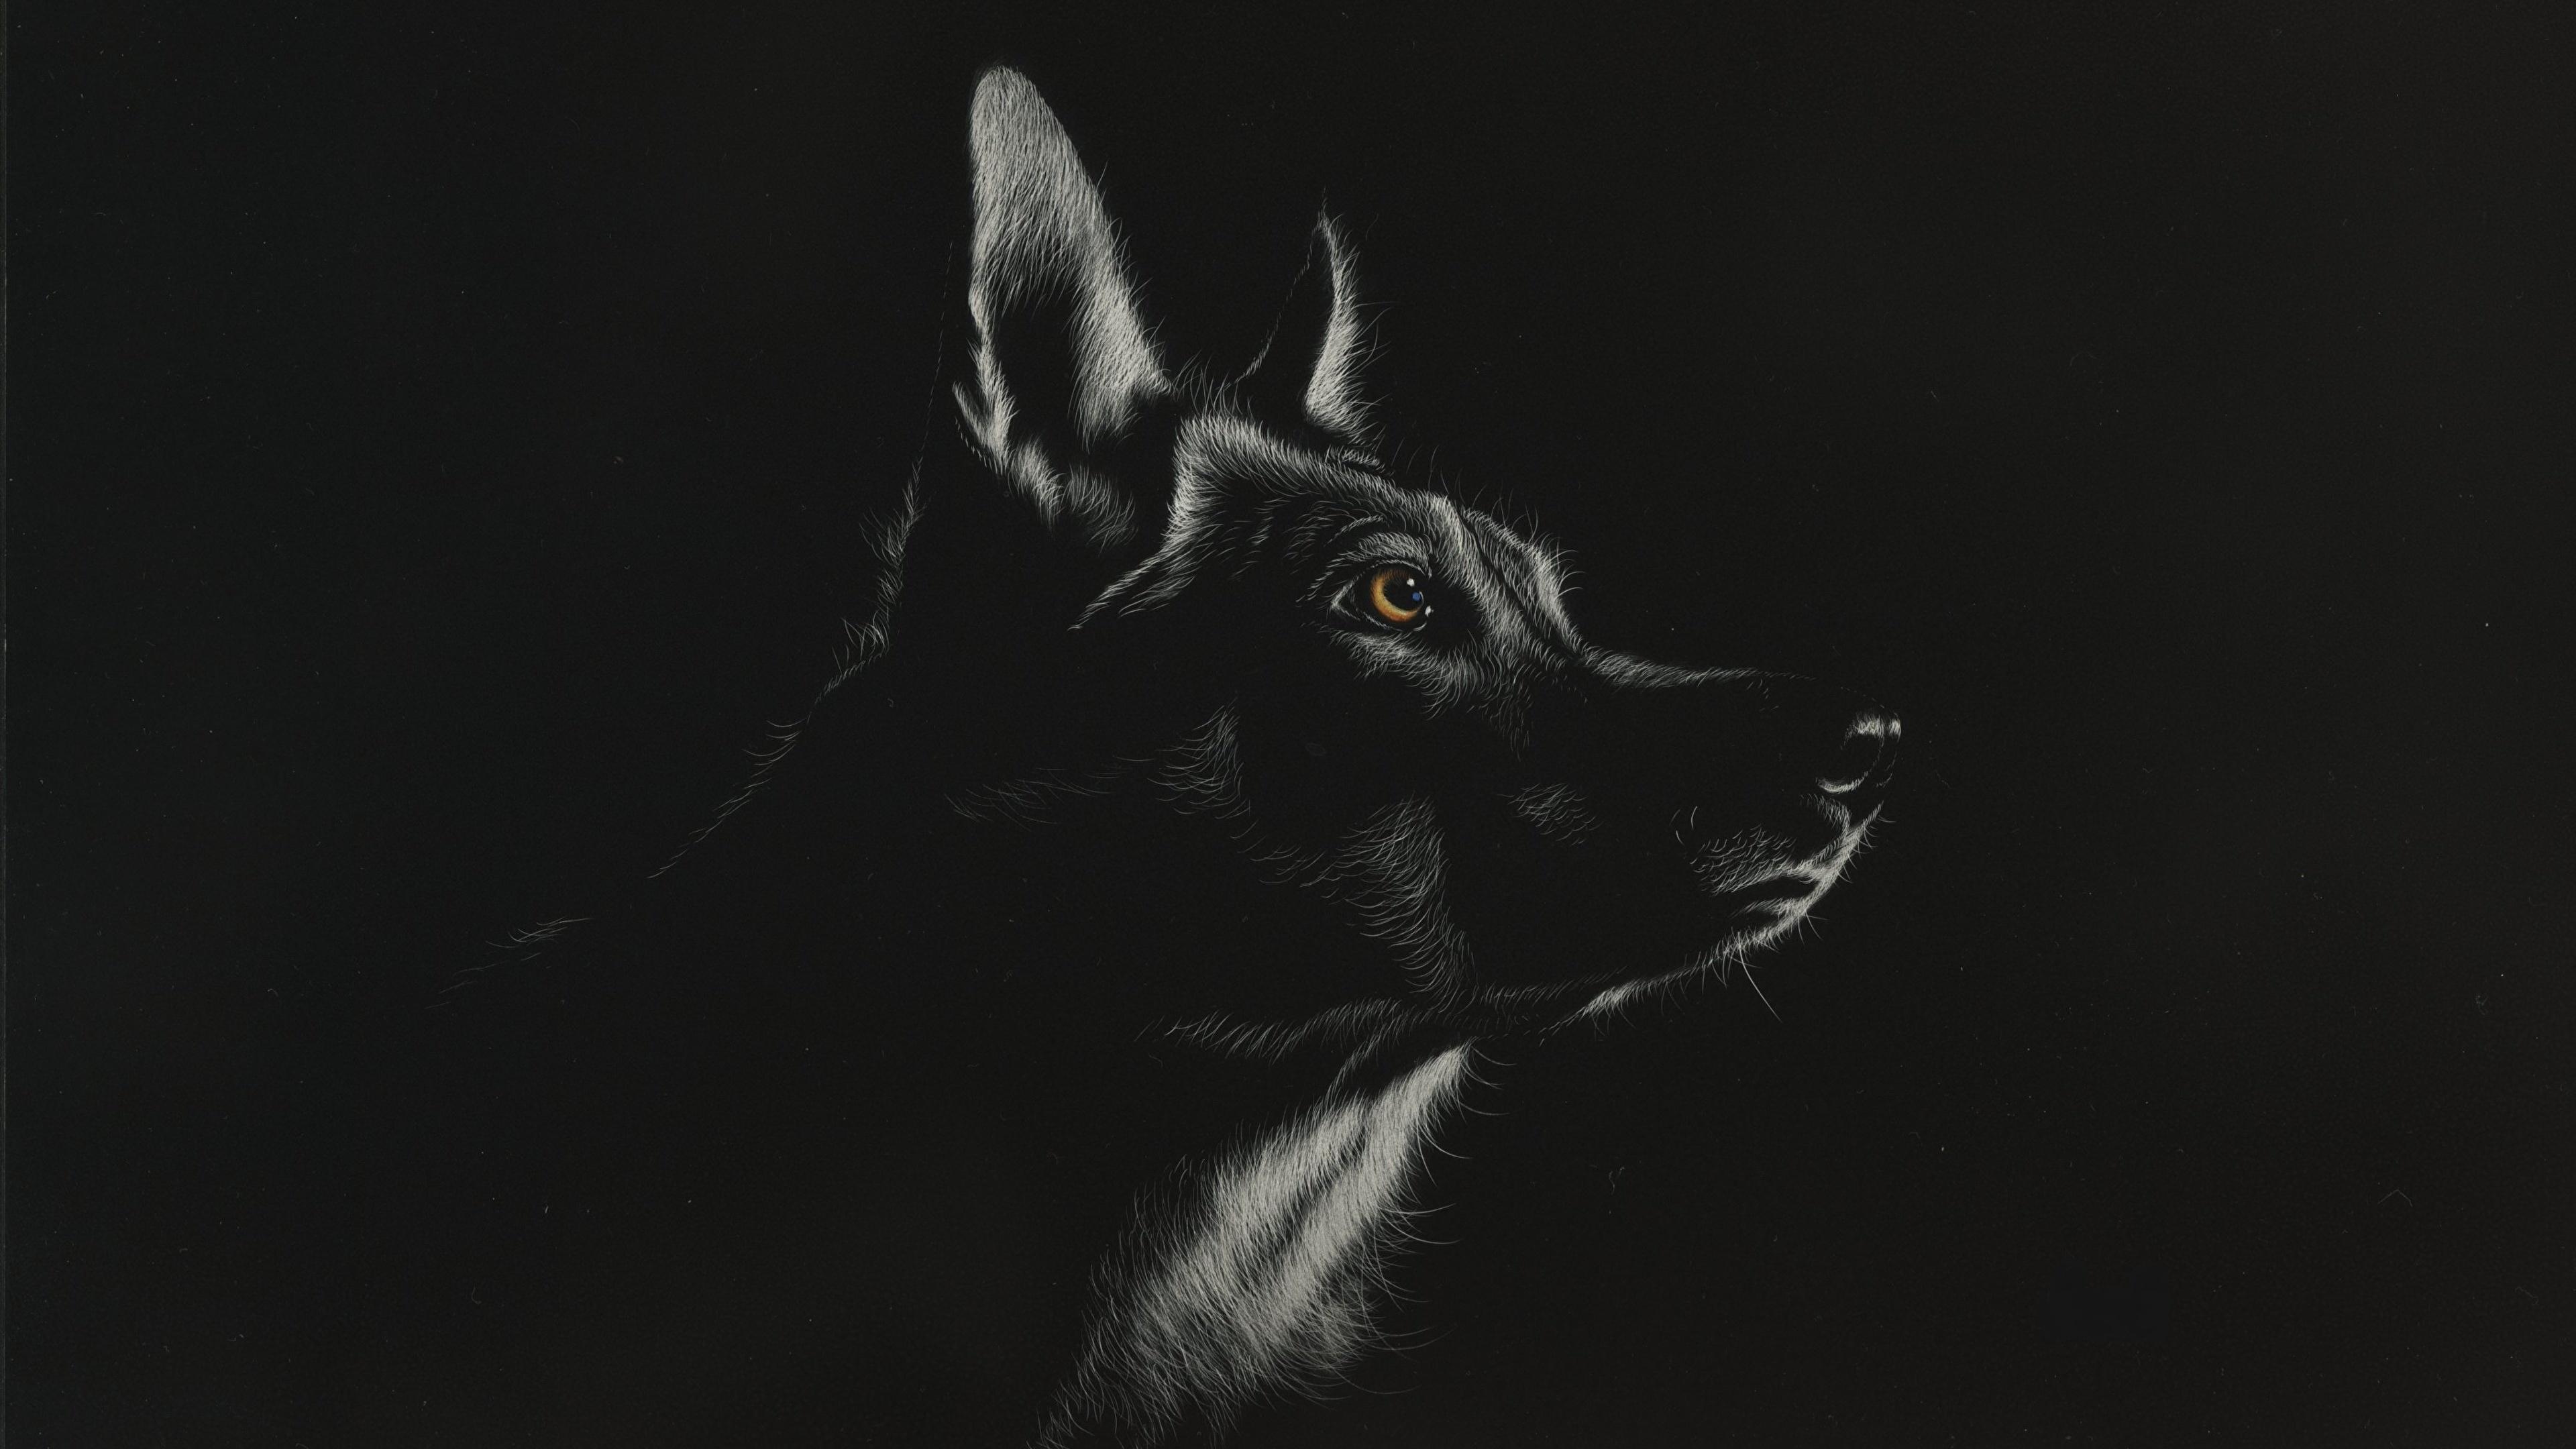 Fonds d'ecran 3840x2160 Loup Dessiné Tête Noir et blanc Fond noir Animaux télécharger photo